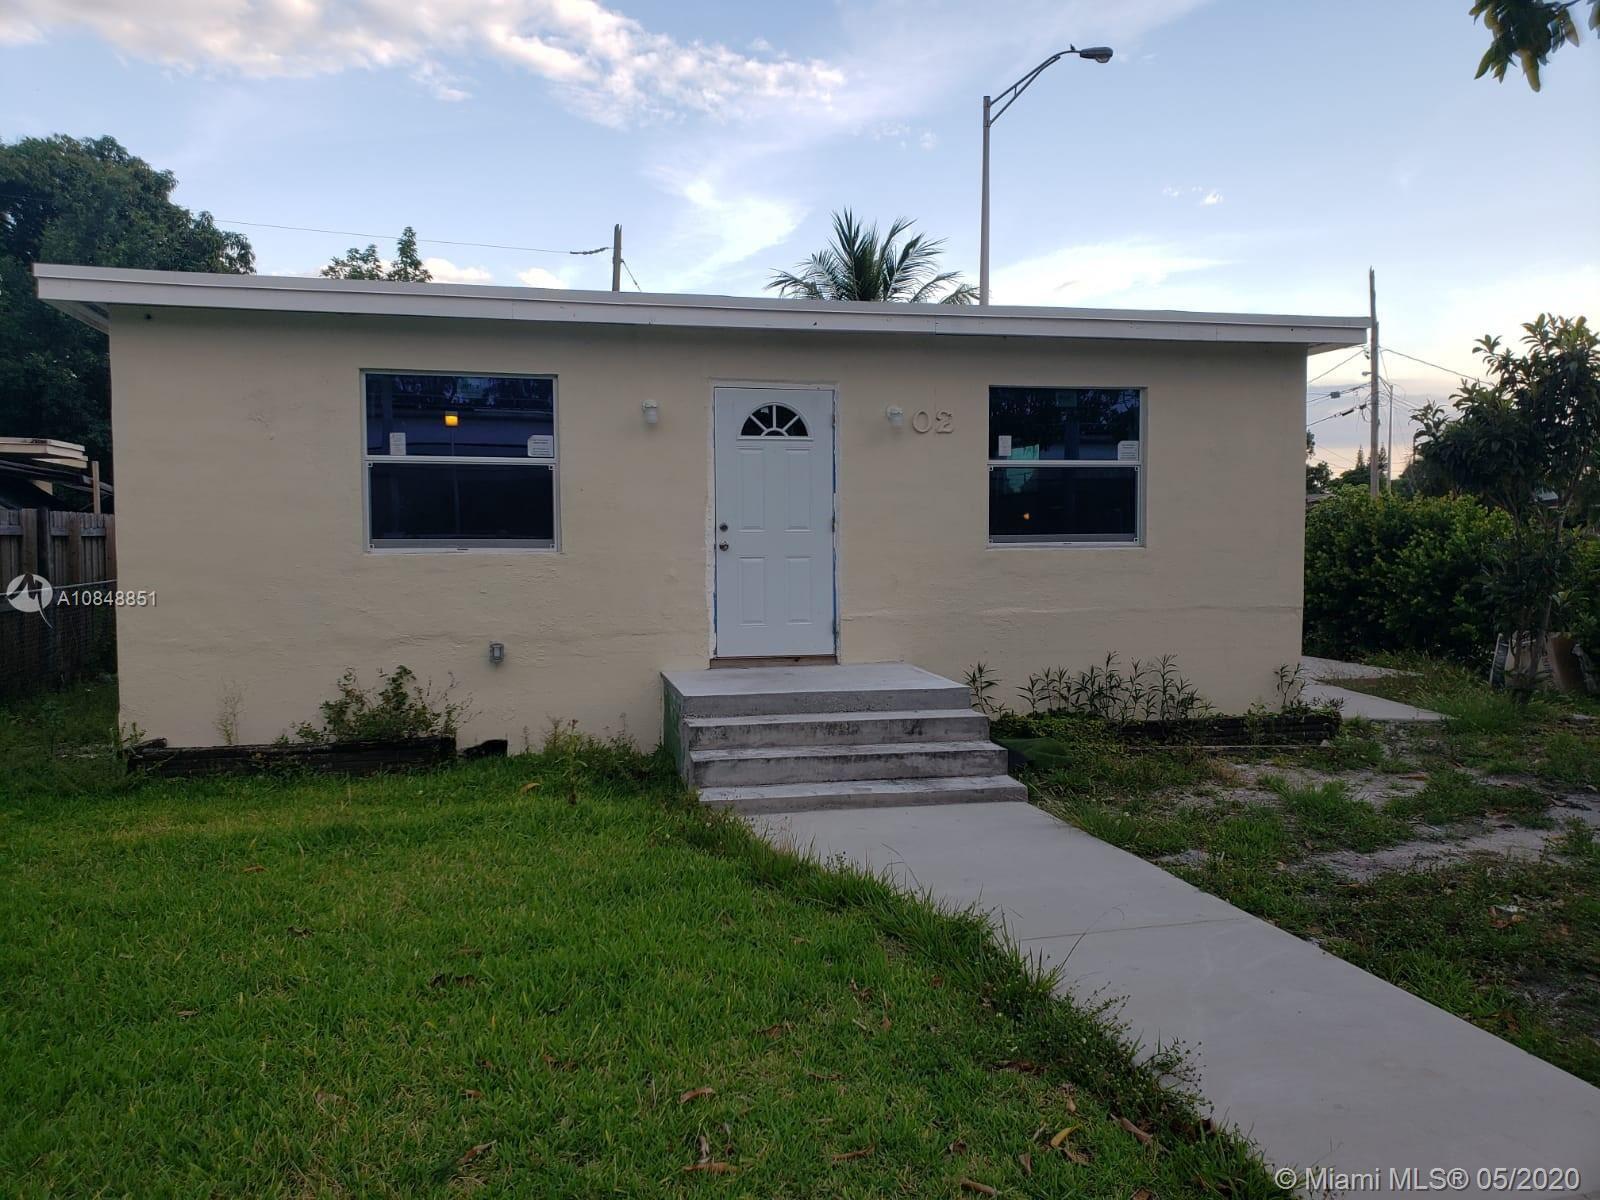 202 E 21 St # -, Hialeah, FL 33010 - #: A10848851